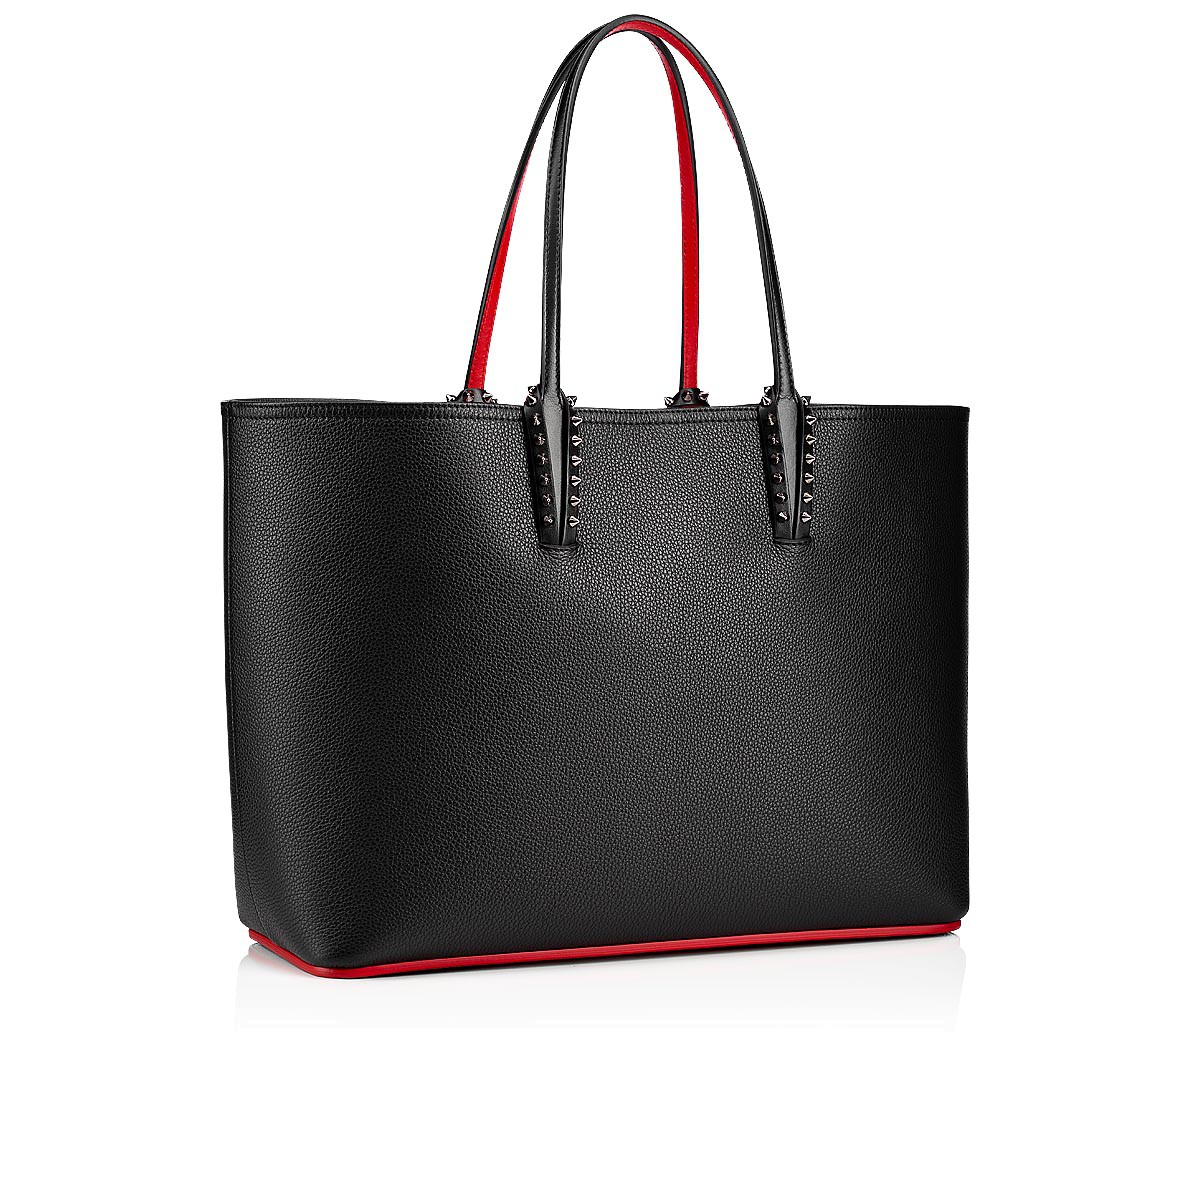 Bags - Cabata - Christian Louboutin